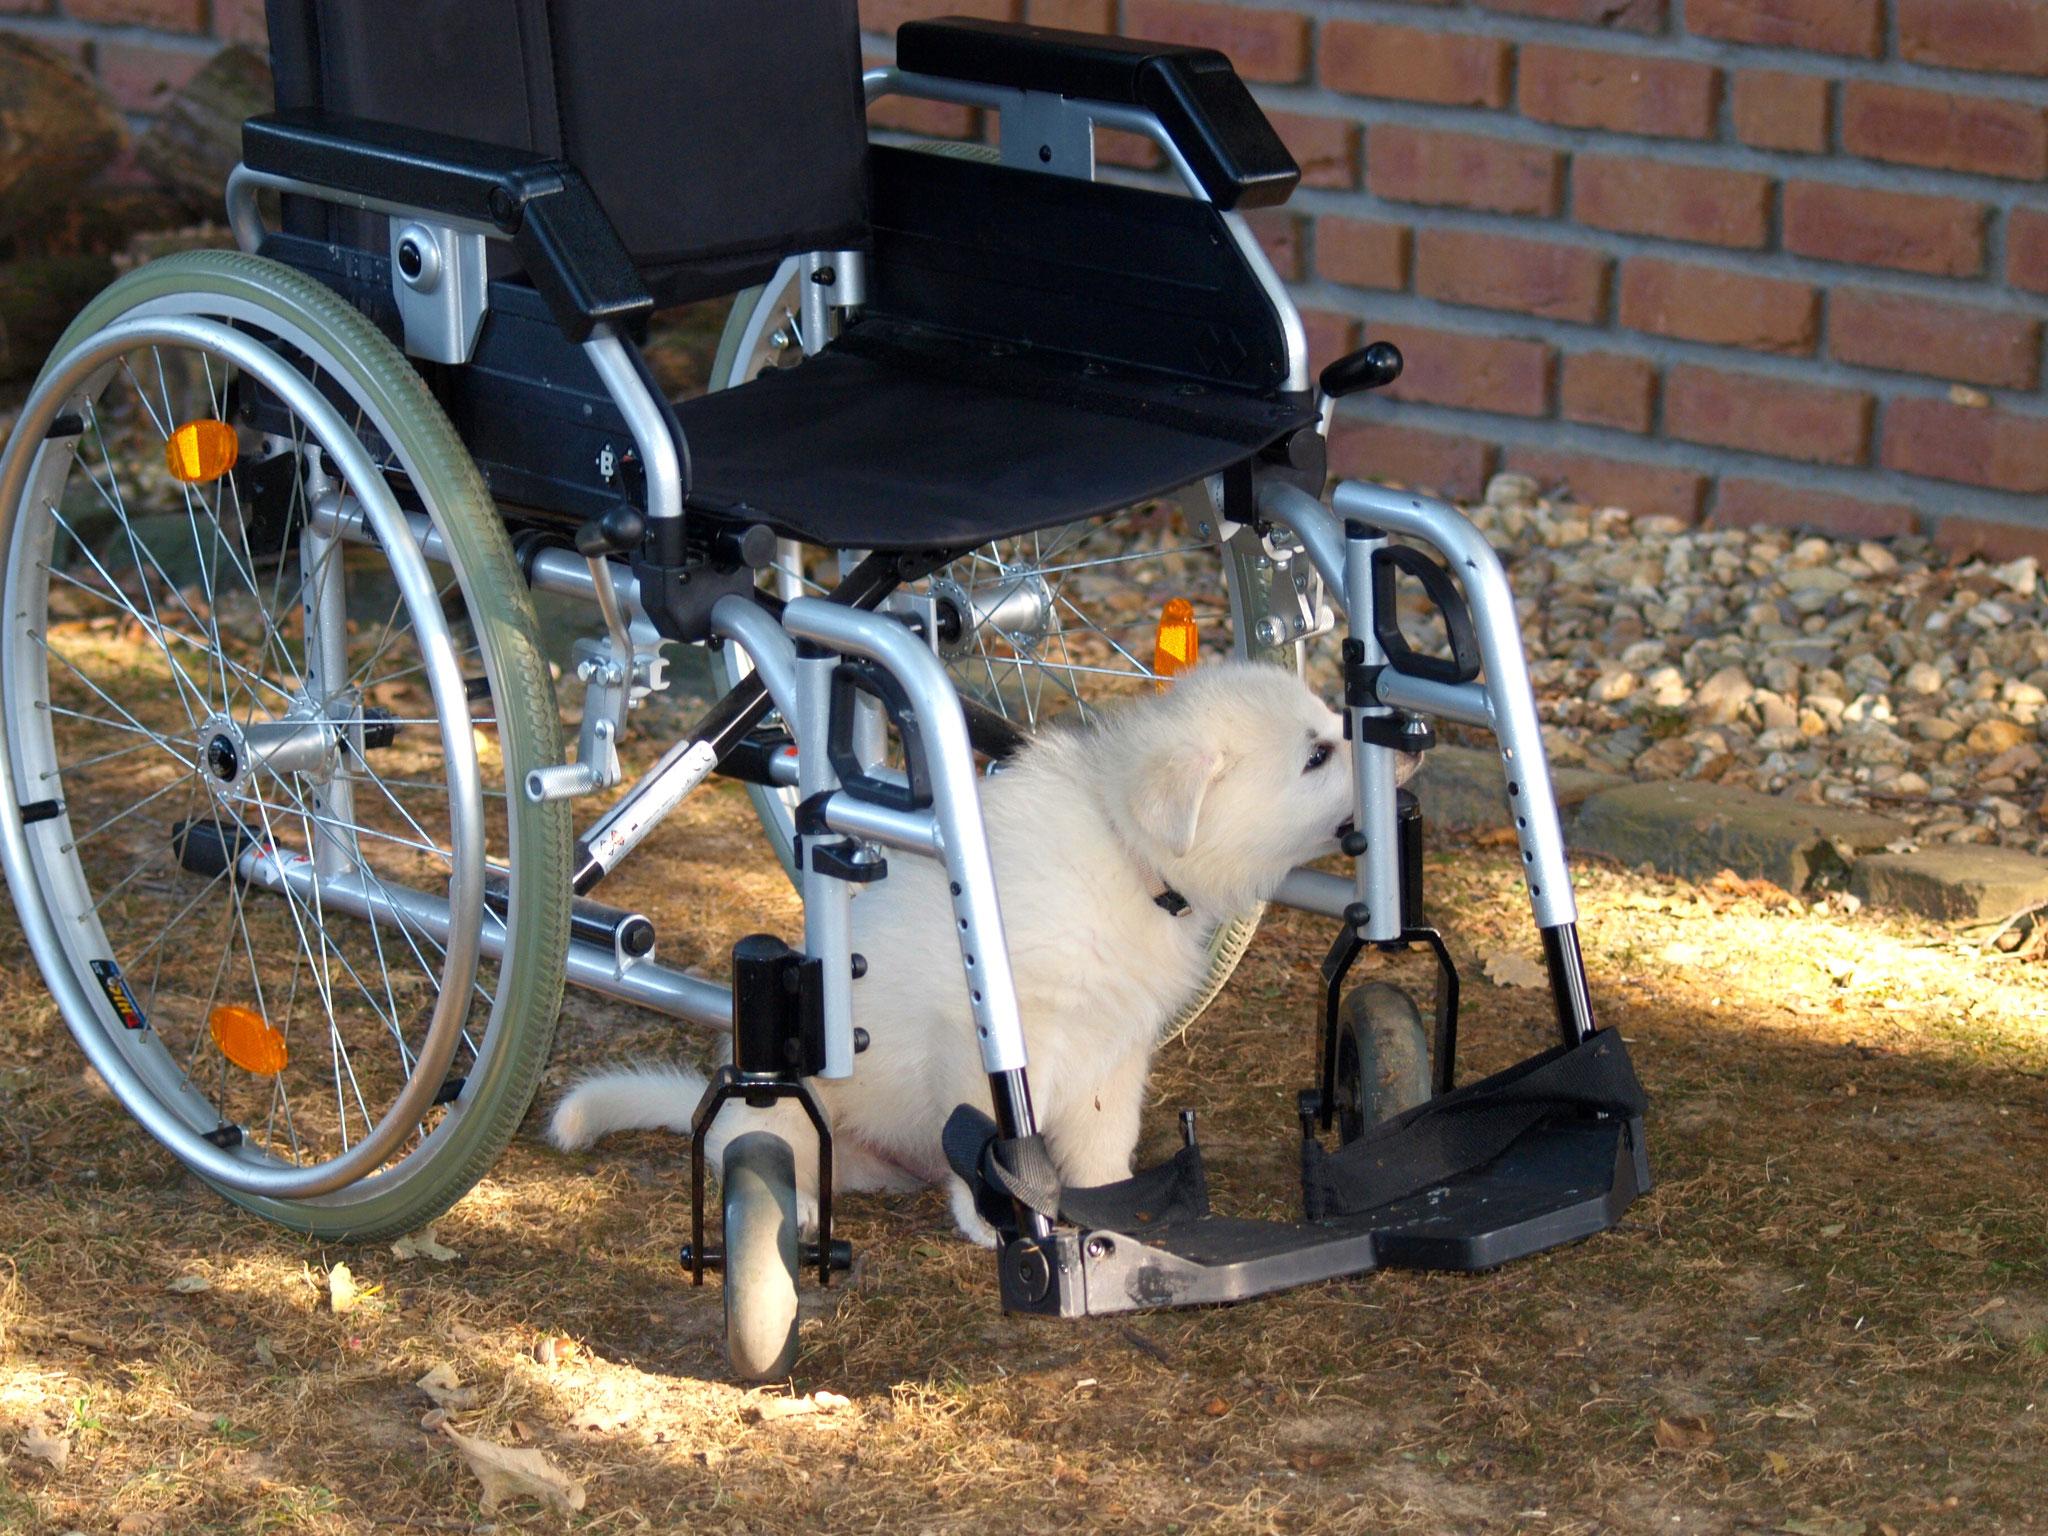 der Rollstuhl wird untersucht